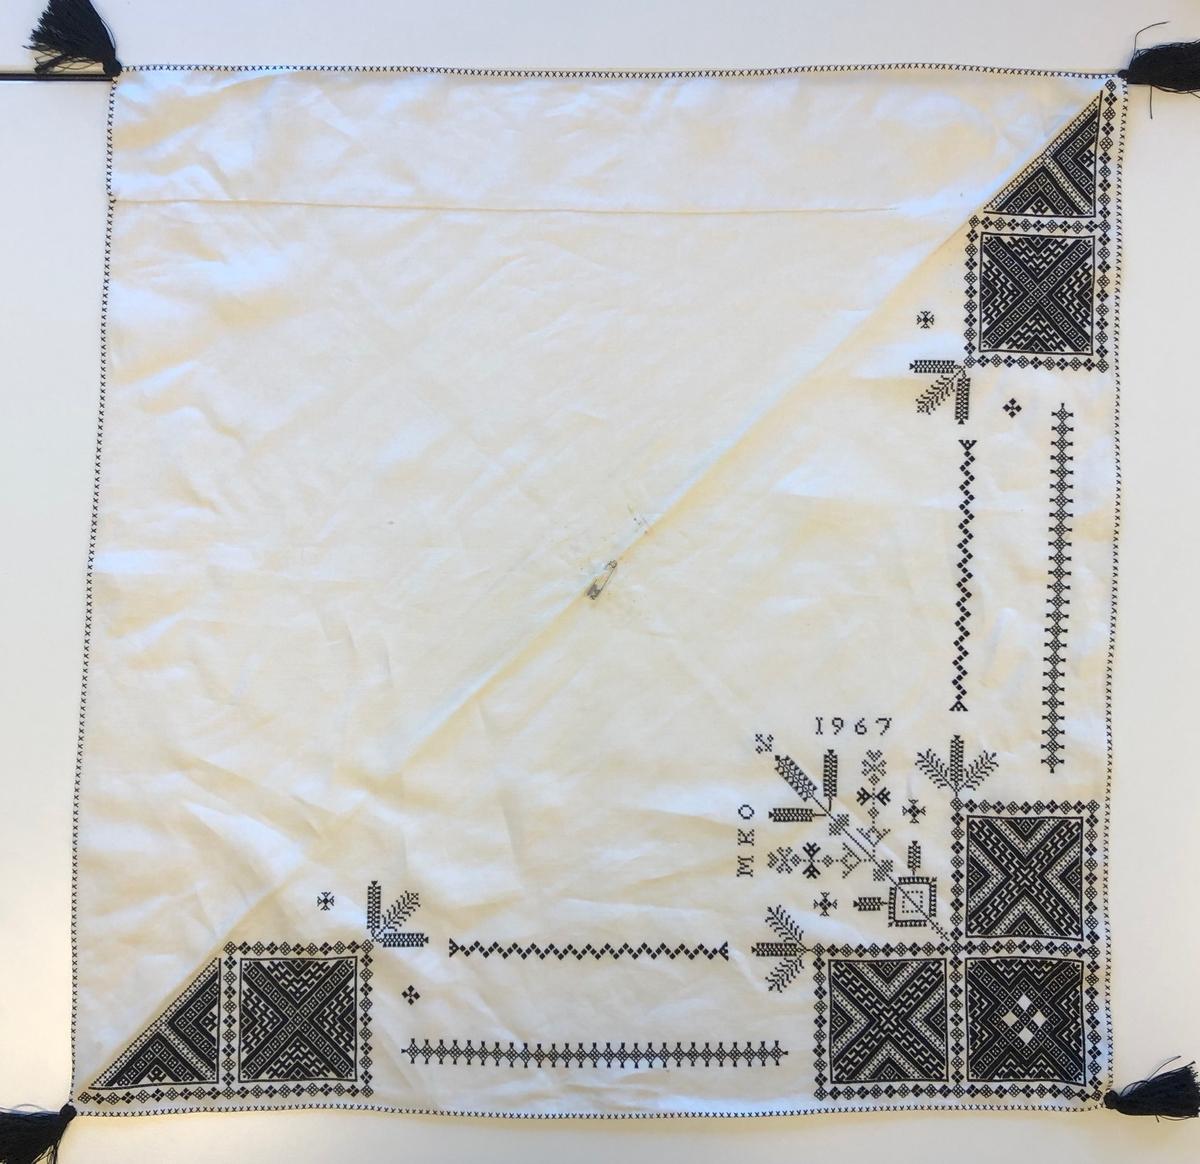 Geometriskt mönster i huvudsak i rätlinjig plattsöm i kvadrater i hörnen. Två bårder mellan kvadraterna på ryggsnibb och framsnibbar.  På ryggsnibben tre kvadrater  och en  majstångsspira samt märkning med årtal och initialer.  På varje framsnibb en kvadrat och en trekant. Sju ornament